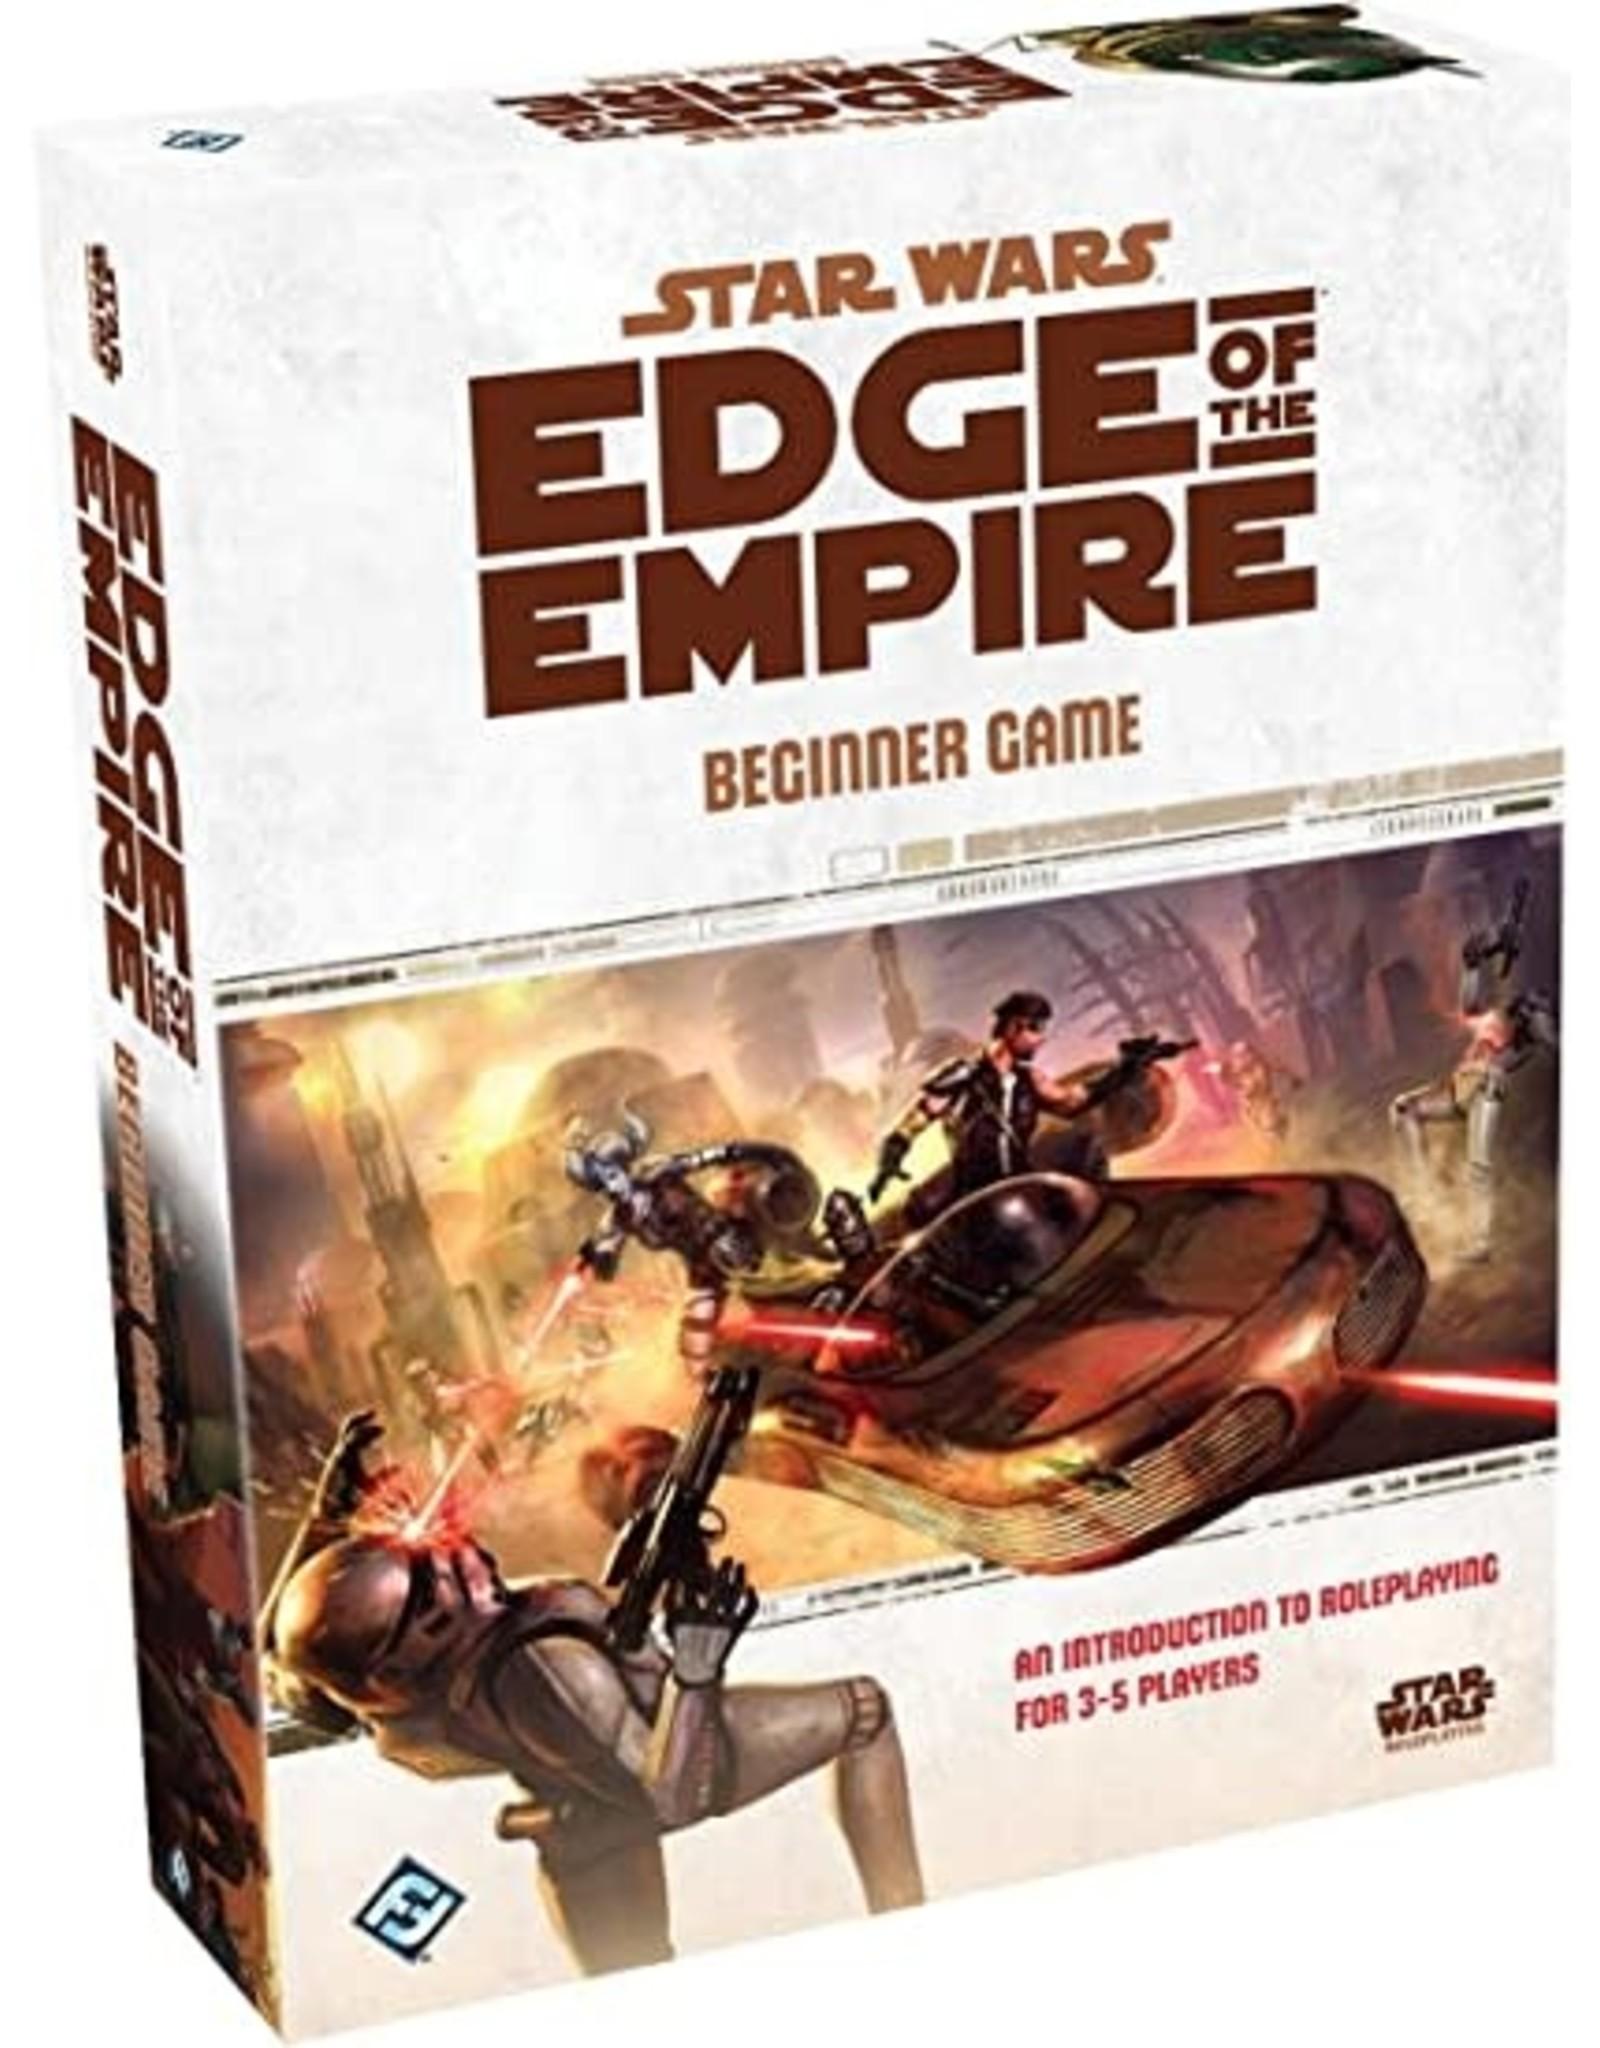 Star Wars RPG Edge of the Empire Beginner Game